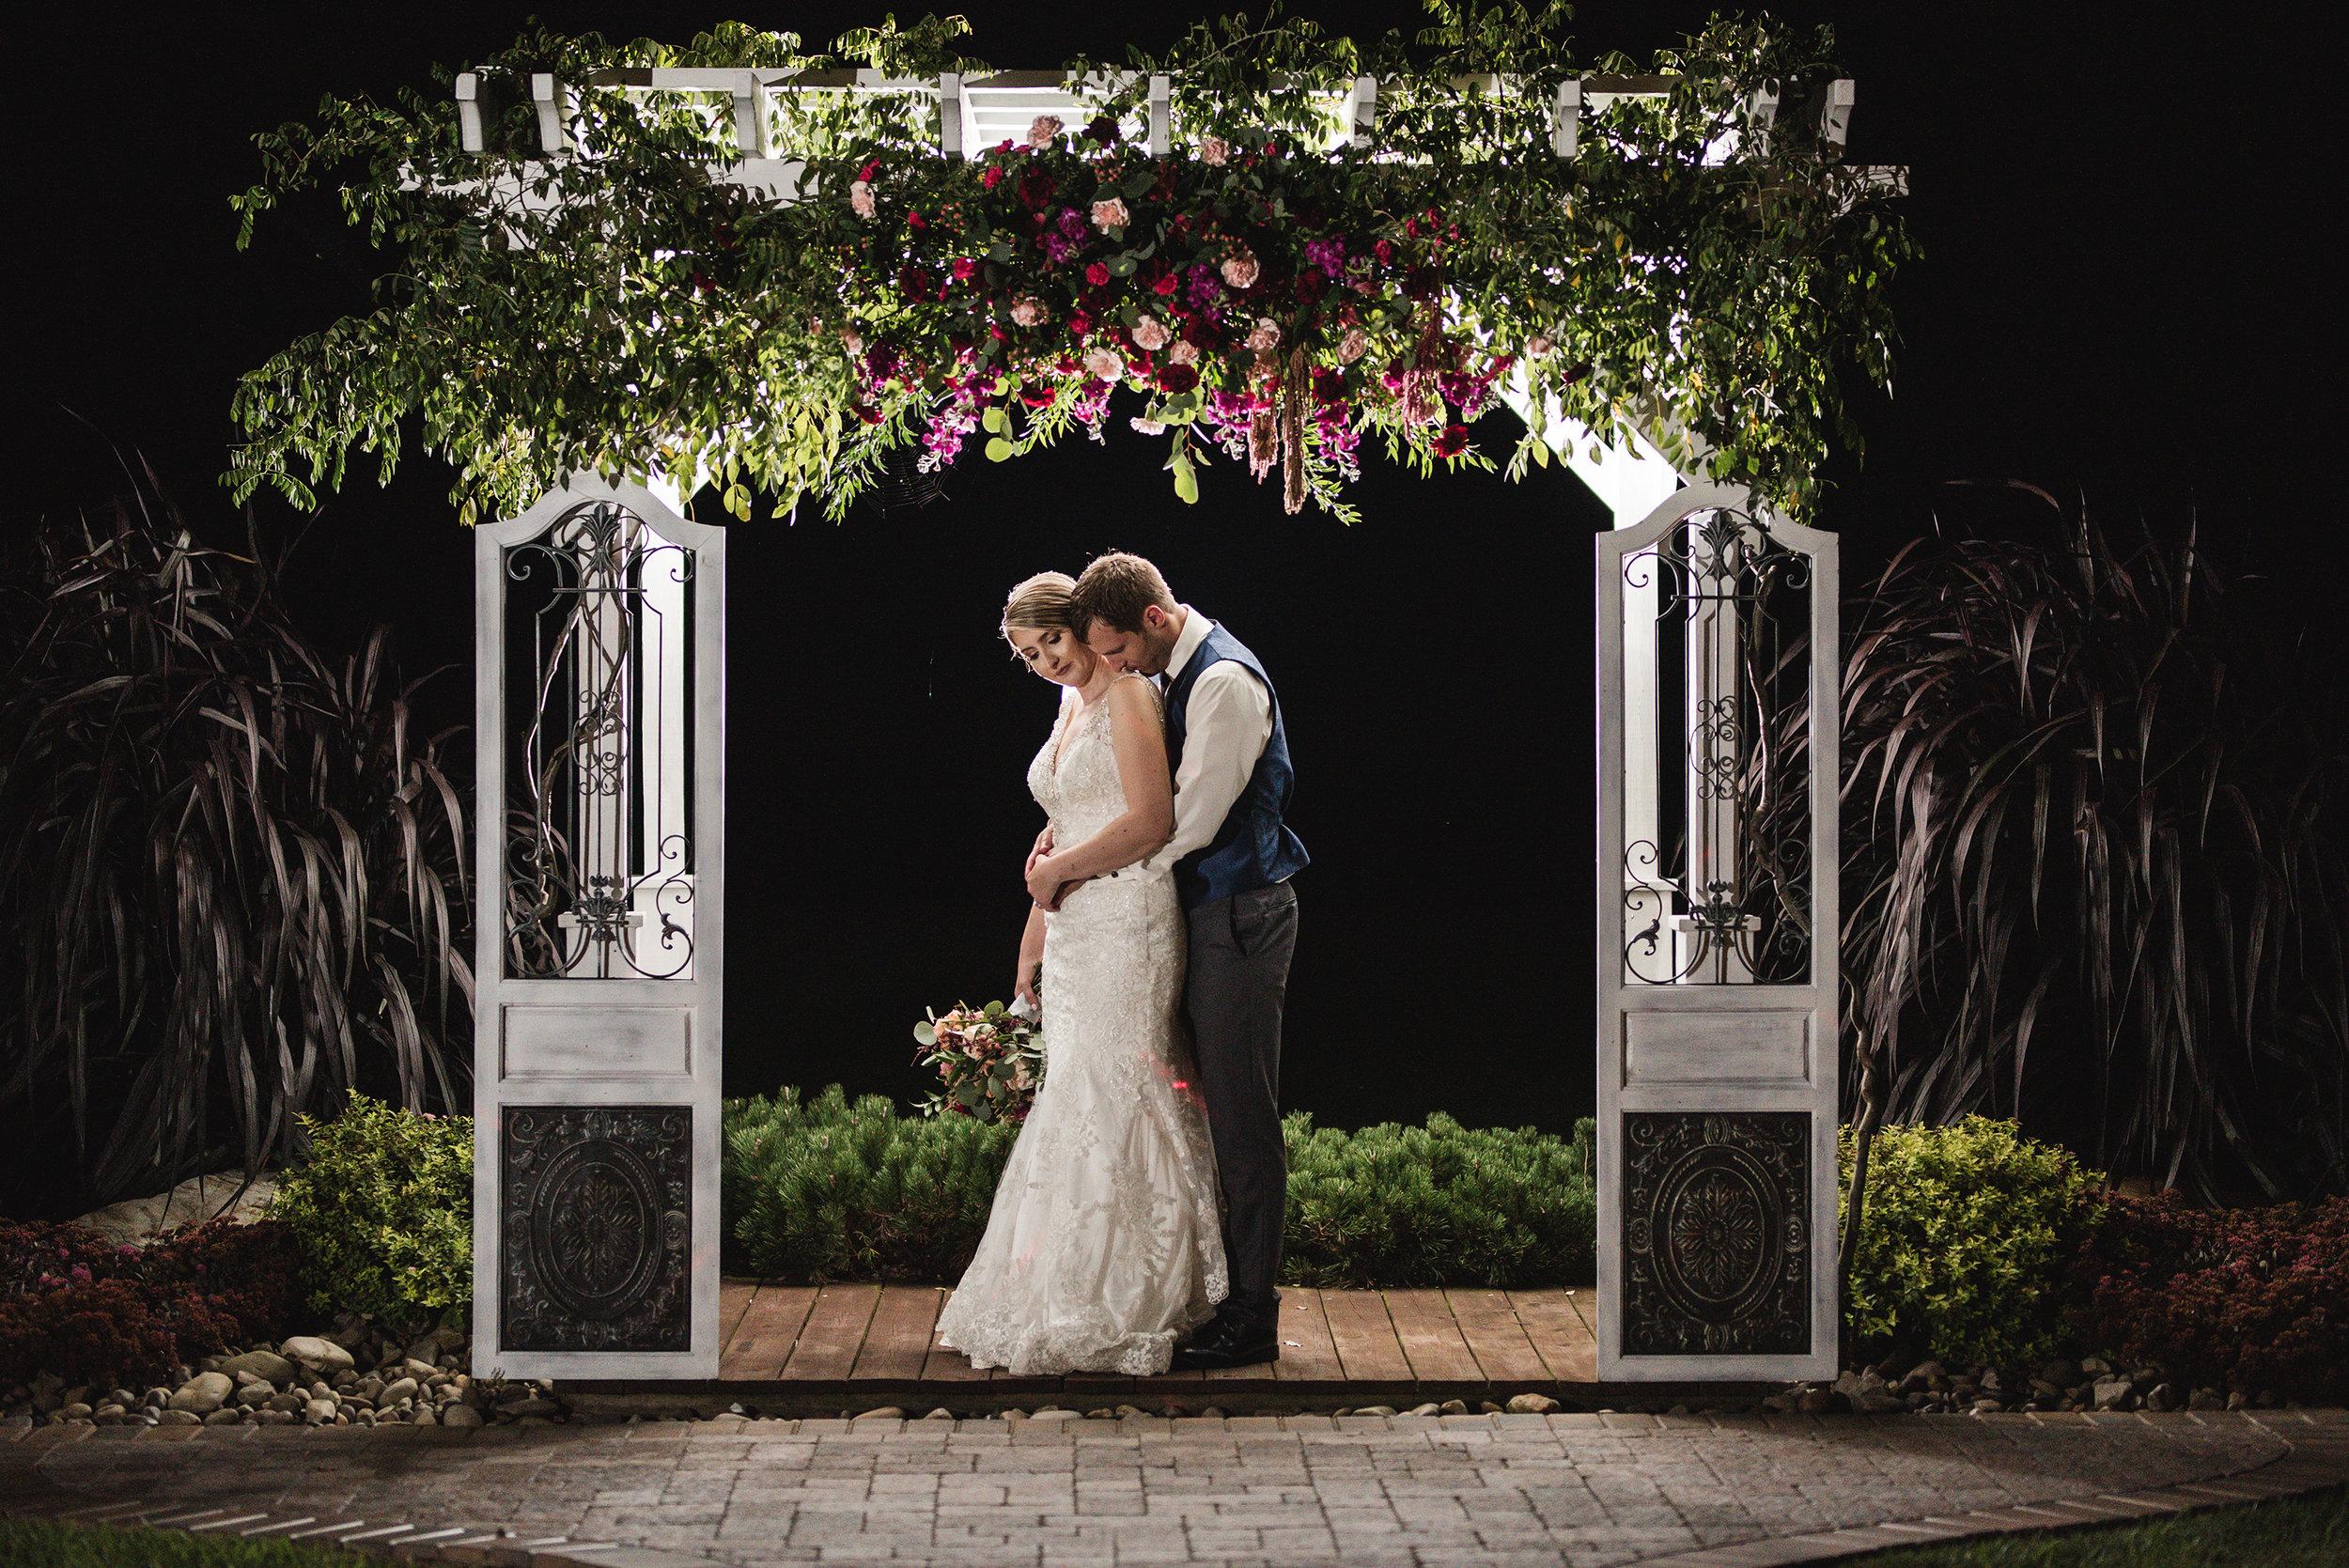 San Francisco California wedding photographer